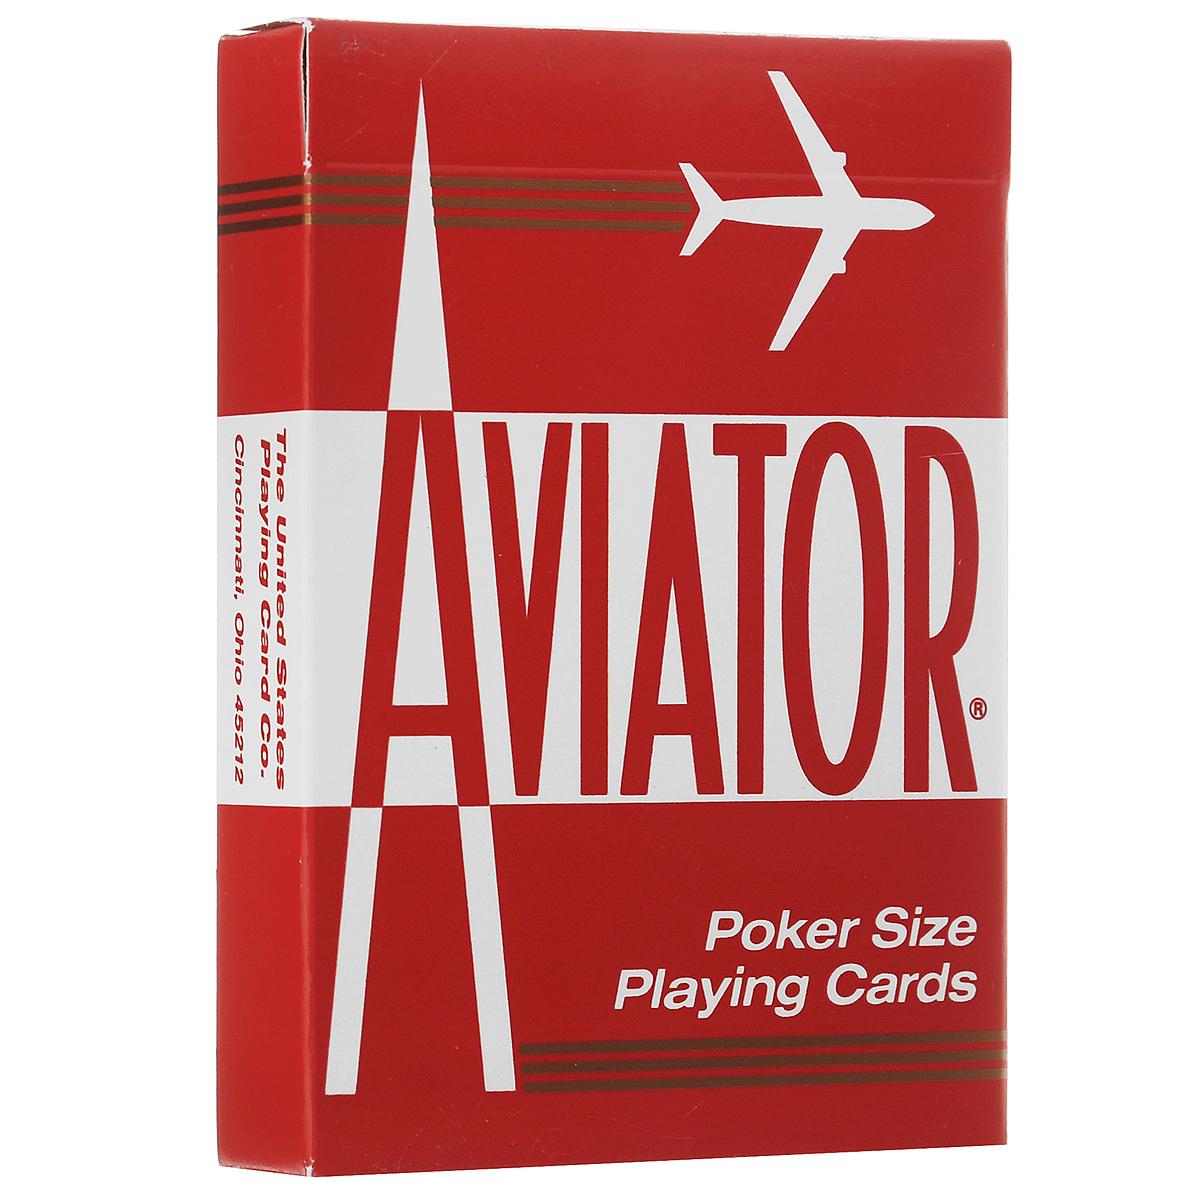 Карты игральные Aviator, покерный размер, стандартный индекс, цвет: красный, 55 штК-194Карты выполнены в характерном классическом дизайне бренда. Они имеют покерный размер и стандартный индекс.